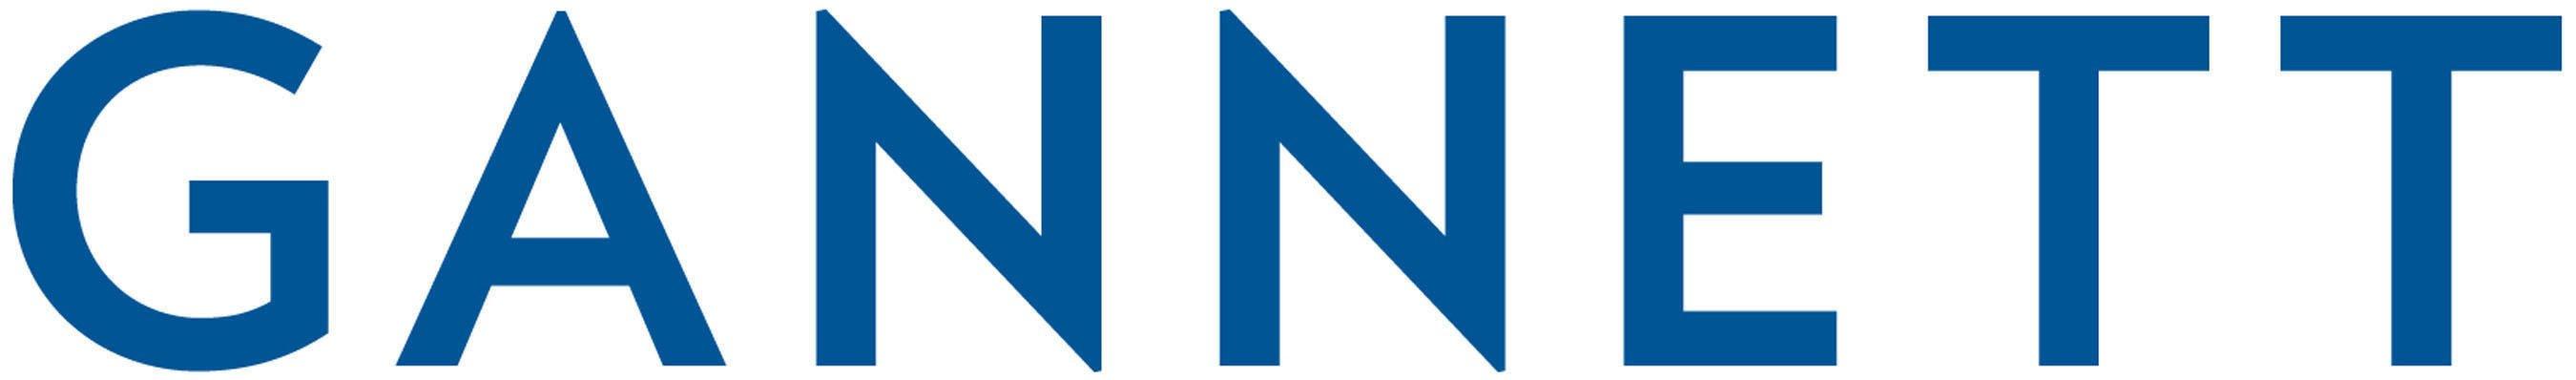 Gannett Co logo